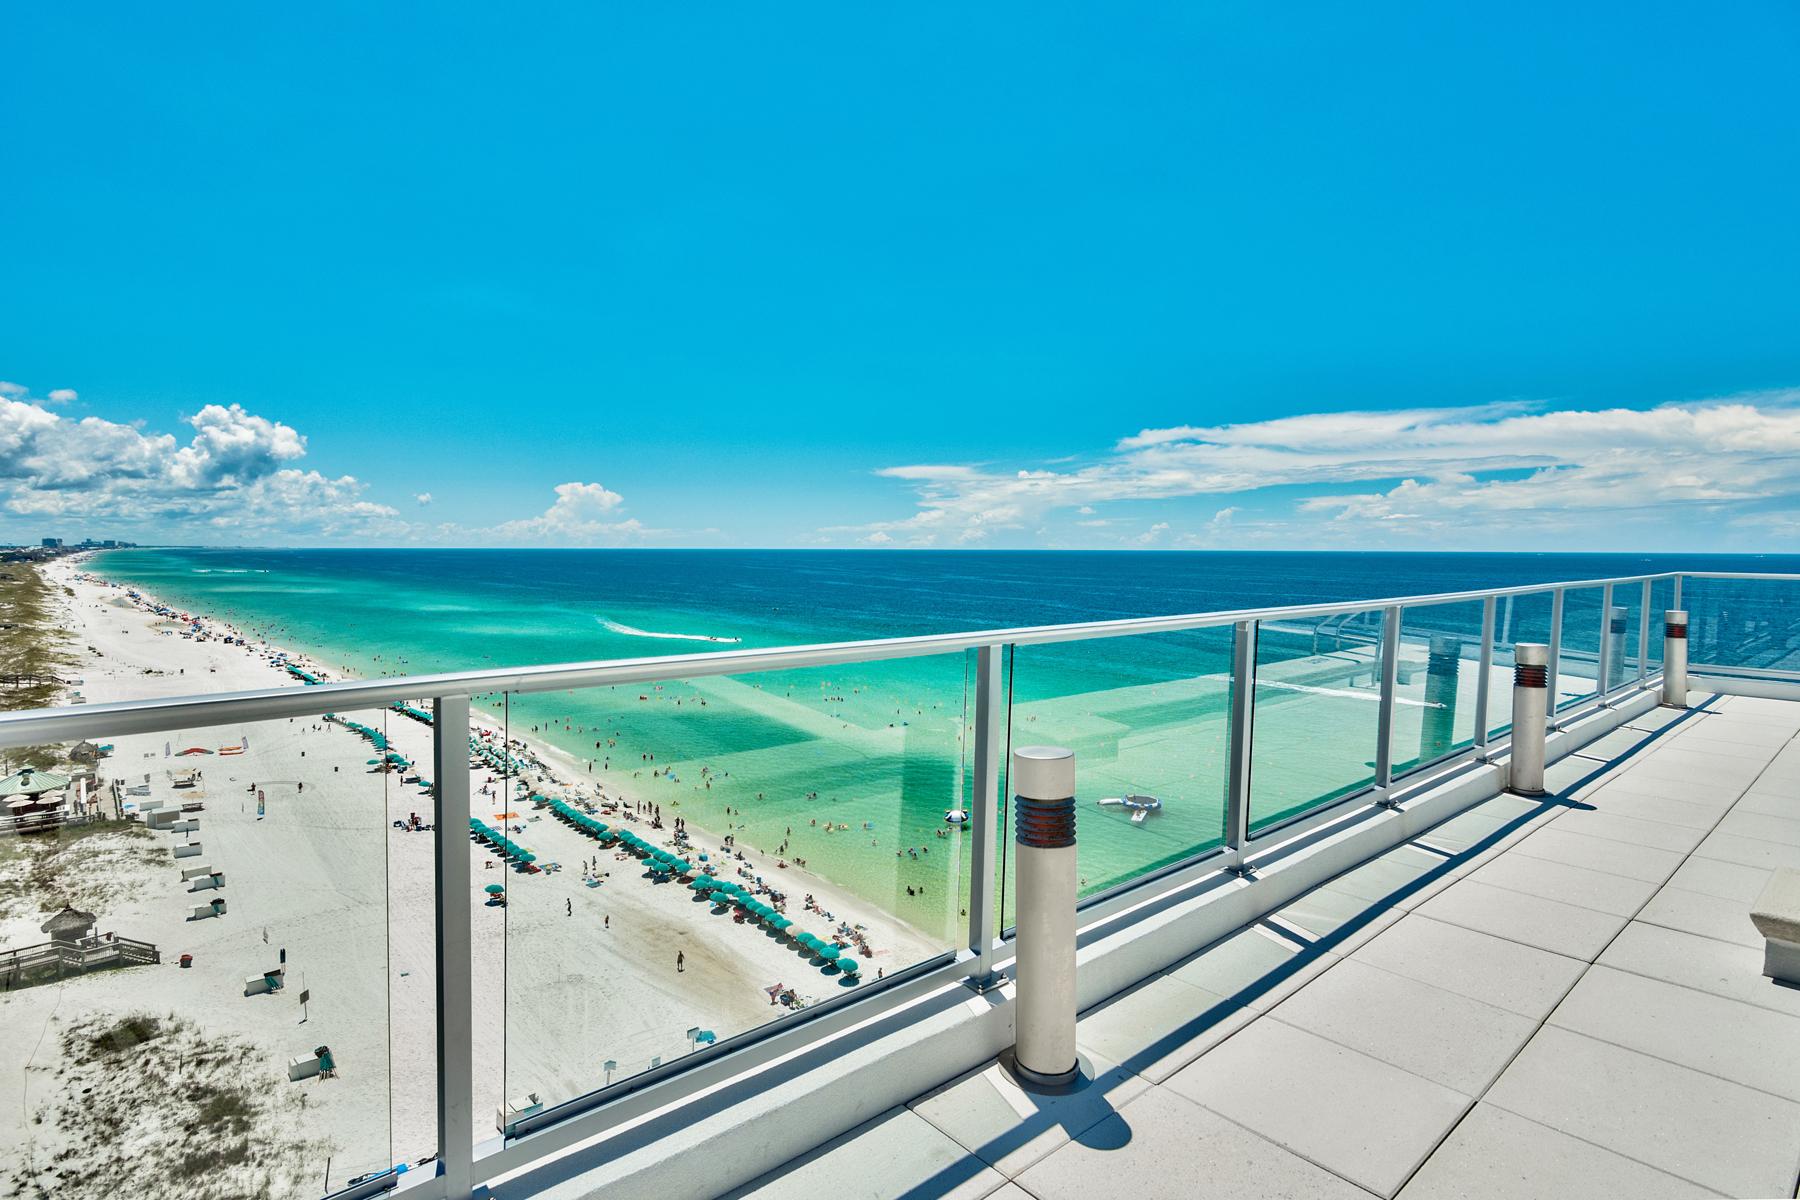 콘도미니엄 용 매매 에 LUXURIOUS PRE-CONSTRUCTION OPPORTUNITY 1900 Scenic Hwy 98 902 Destin, 플로리다 32541 미국